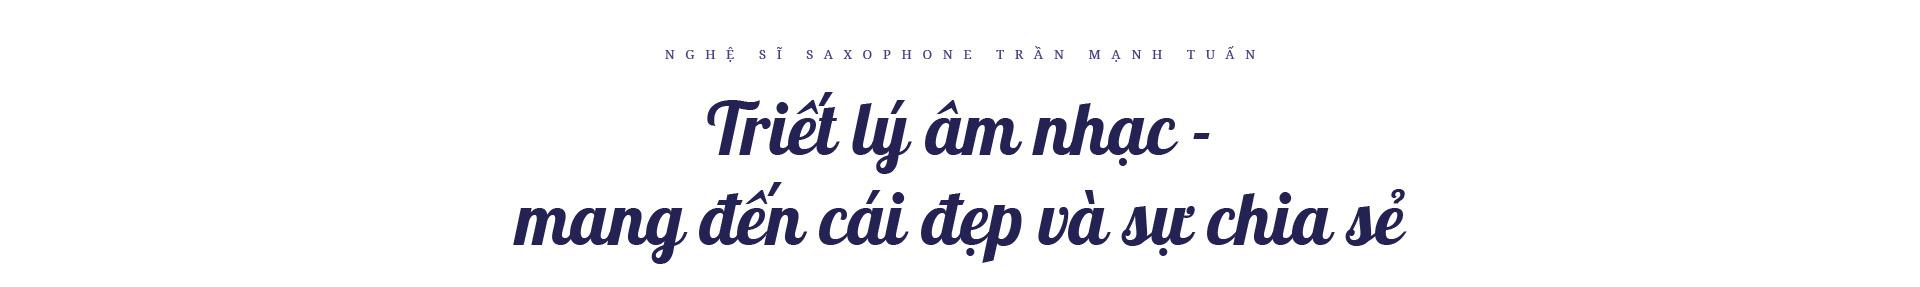 """Nghệ sĩ saxophone Trần Mạnh Tuấn: """"Diễn giữa không gian bệnh viện dã chiến là điều đặc biệt nhất trong đời"""" - Ảnh 12."""